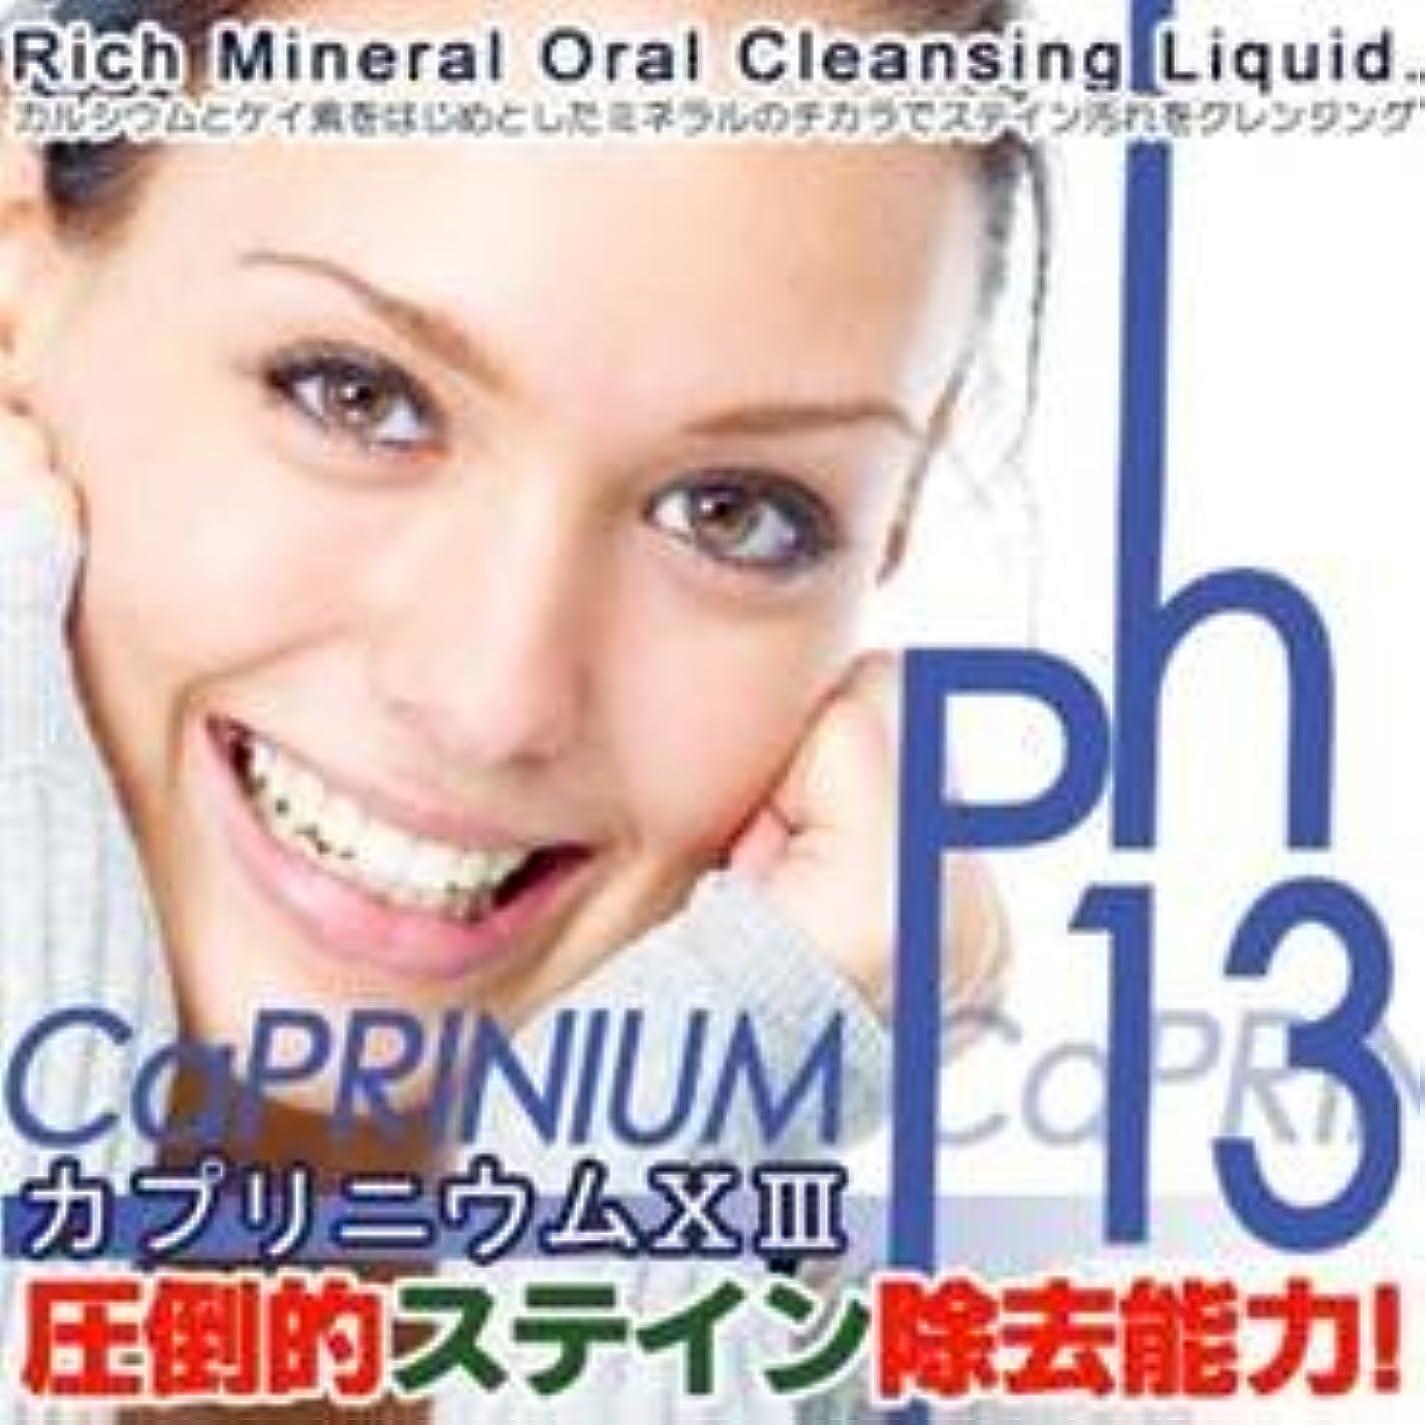 資格情報不十分試すカプリニウムサーティーンジェル1個入(10日分) 電動歯ブラシ対応歯磨きジェル